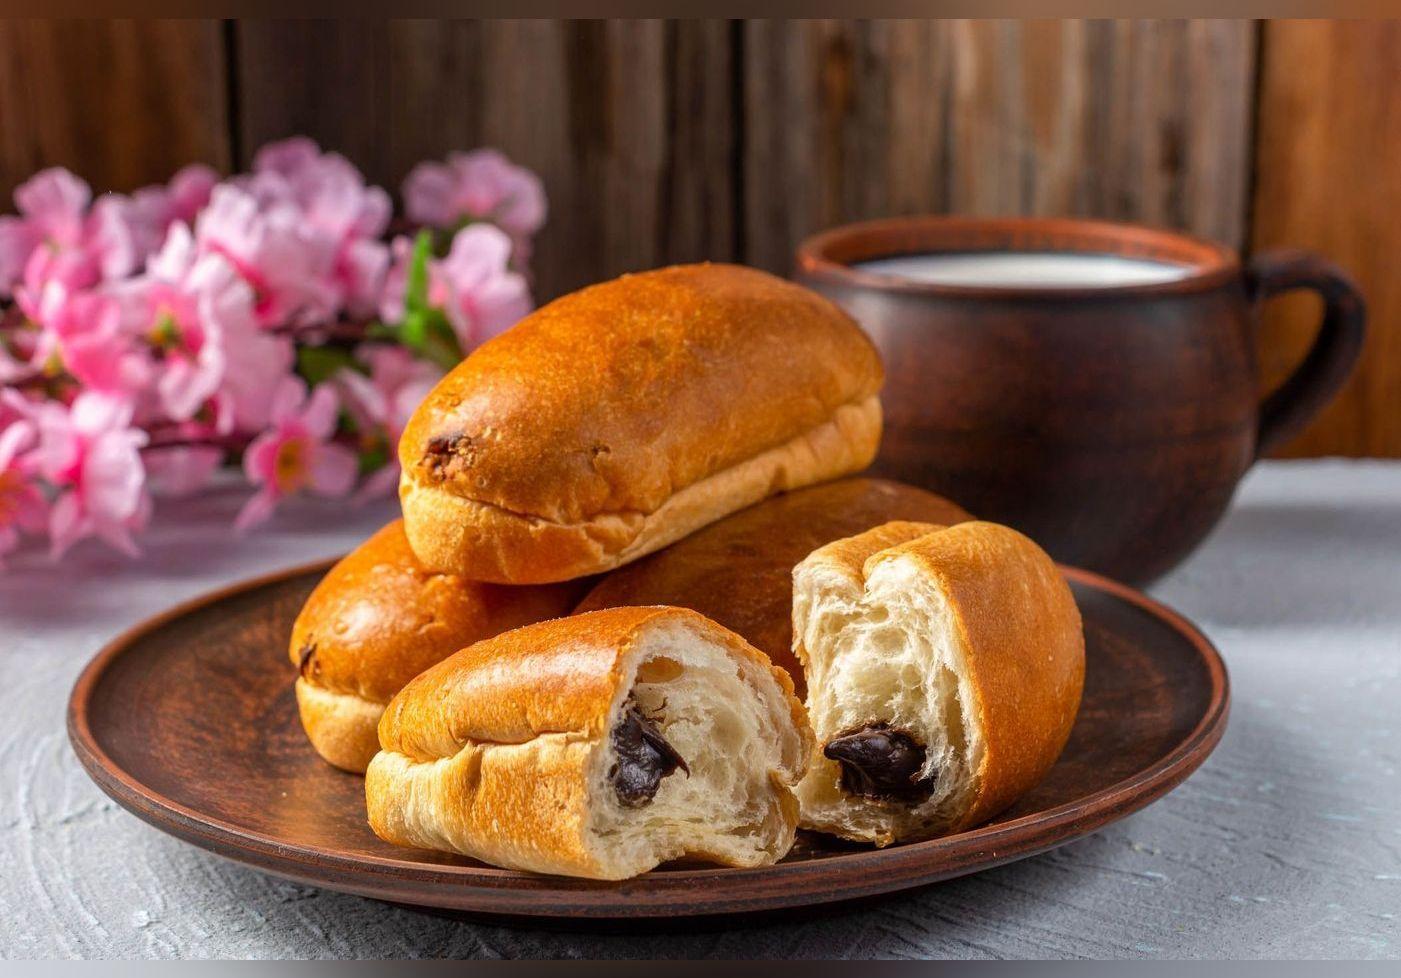 Sa recette de pains au lait fourrés au chocolat nous ramène en enfance. Un goûter régressif ultra gourmand